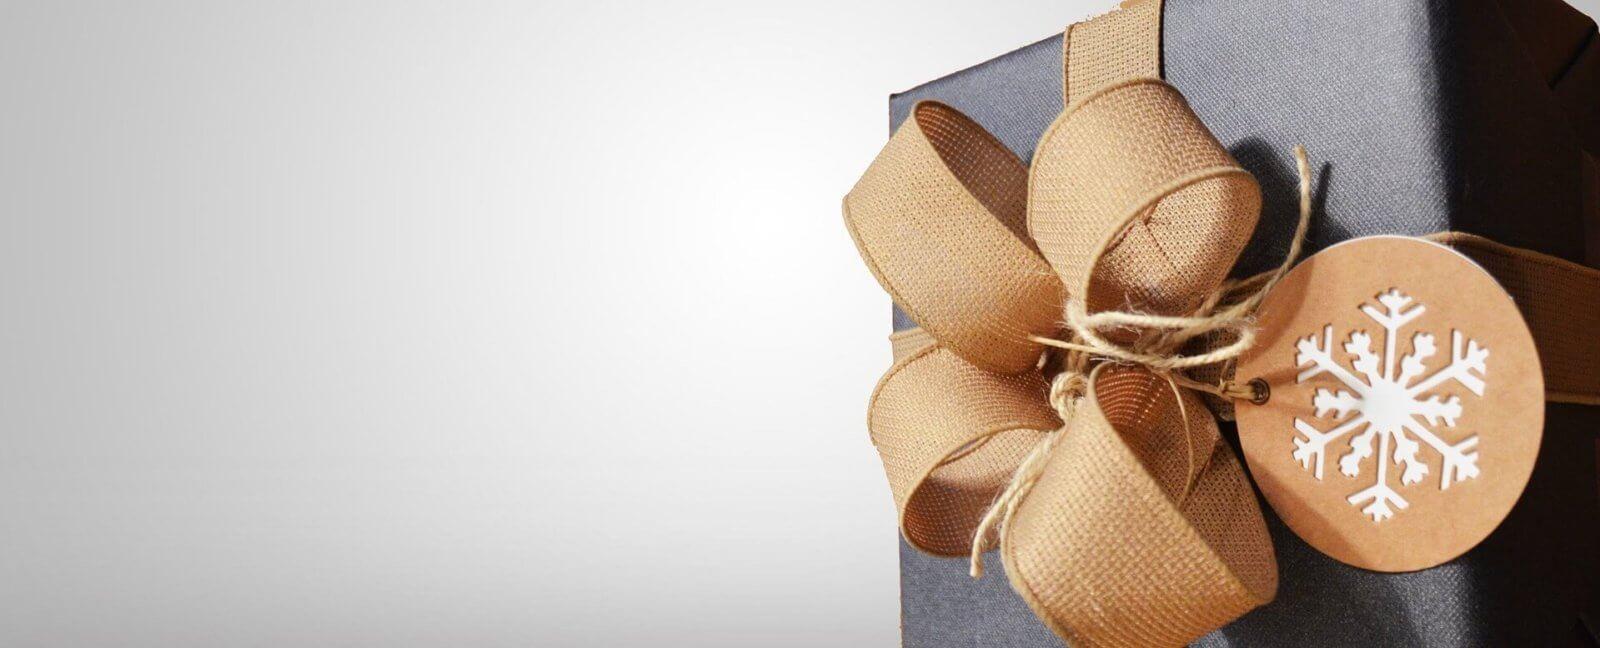 Spikeball Set als Geschenk